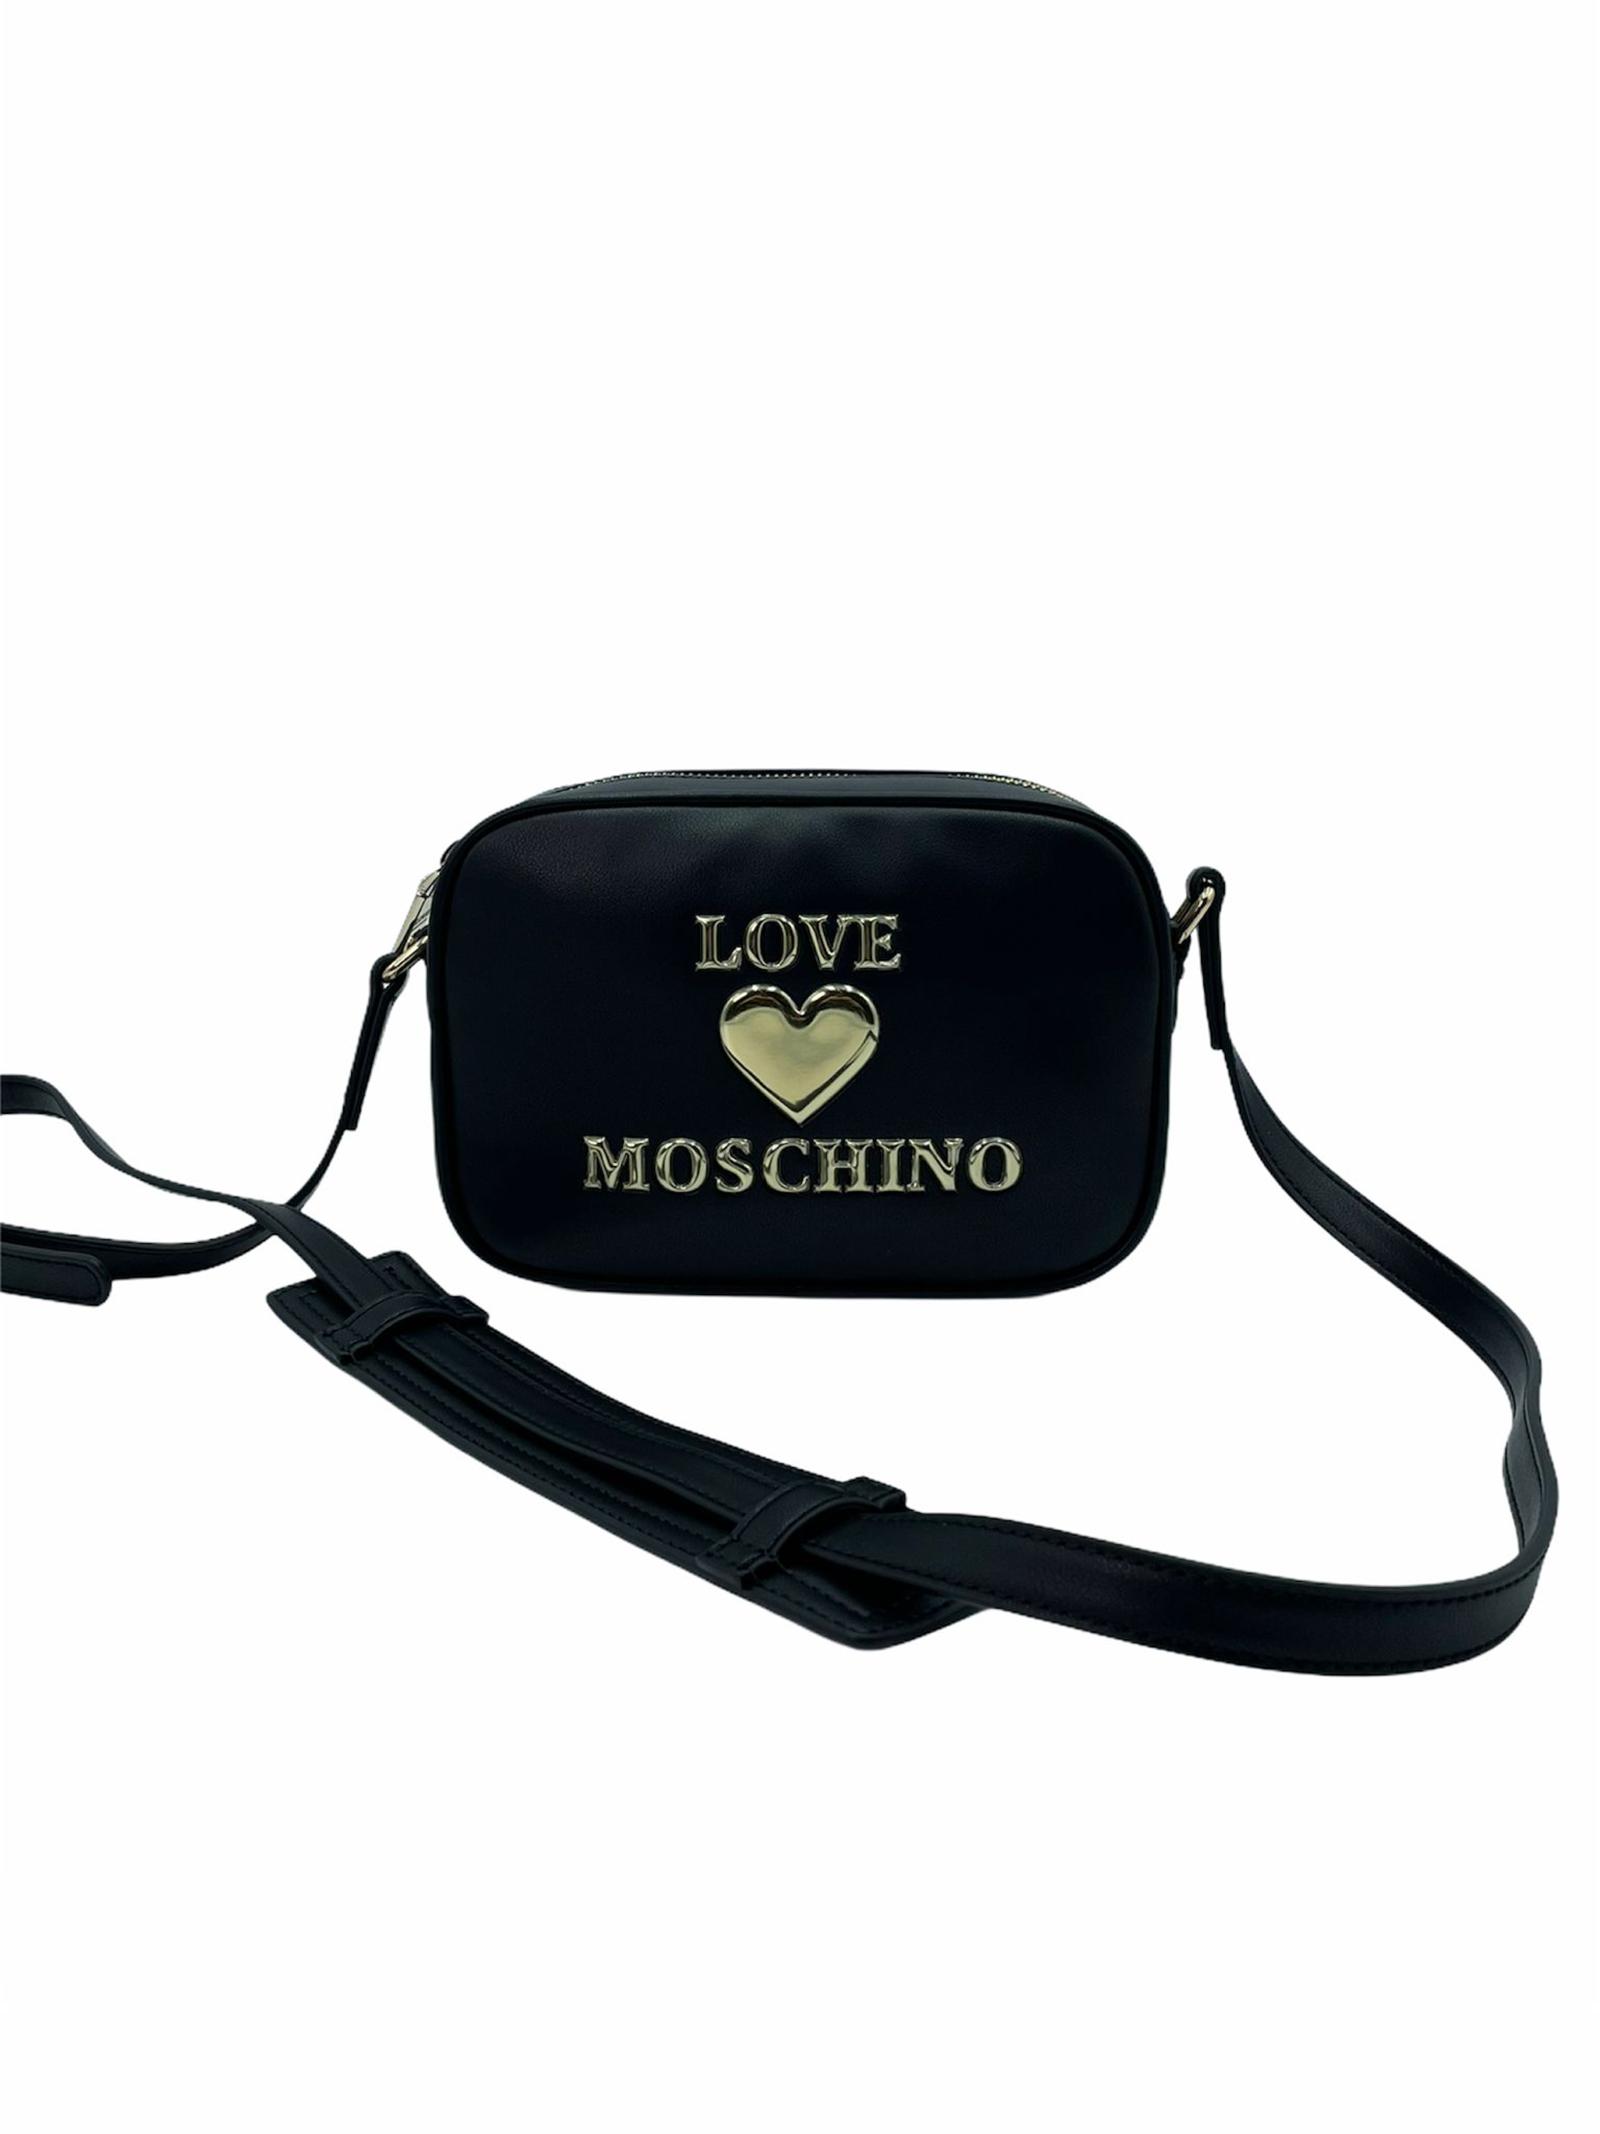 LOVE MOSCHINO |  | JC4059PP1CLF0000NERO